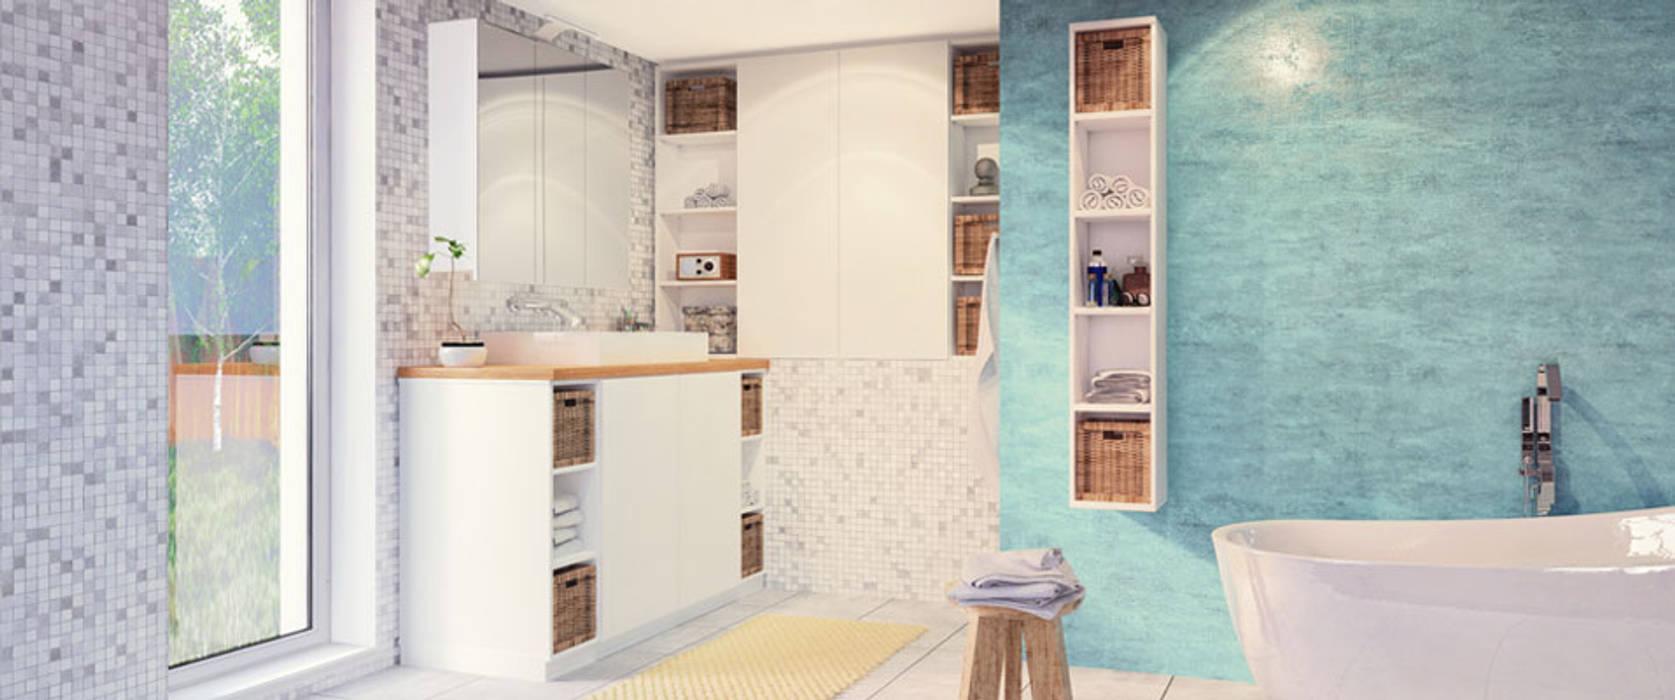 Badezimmermobel Nach Mass Badezimmer Von Deinschrank De Gmbh Homify